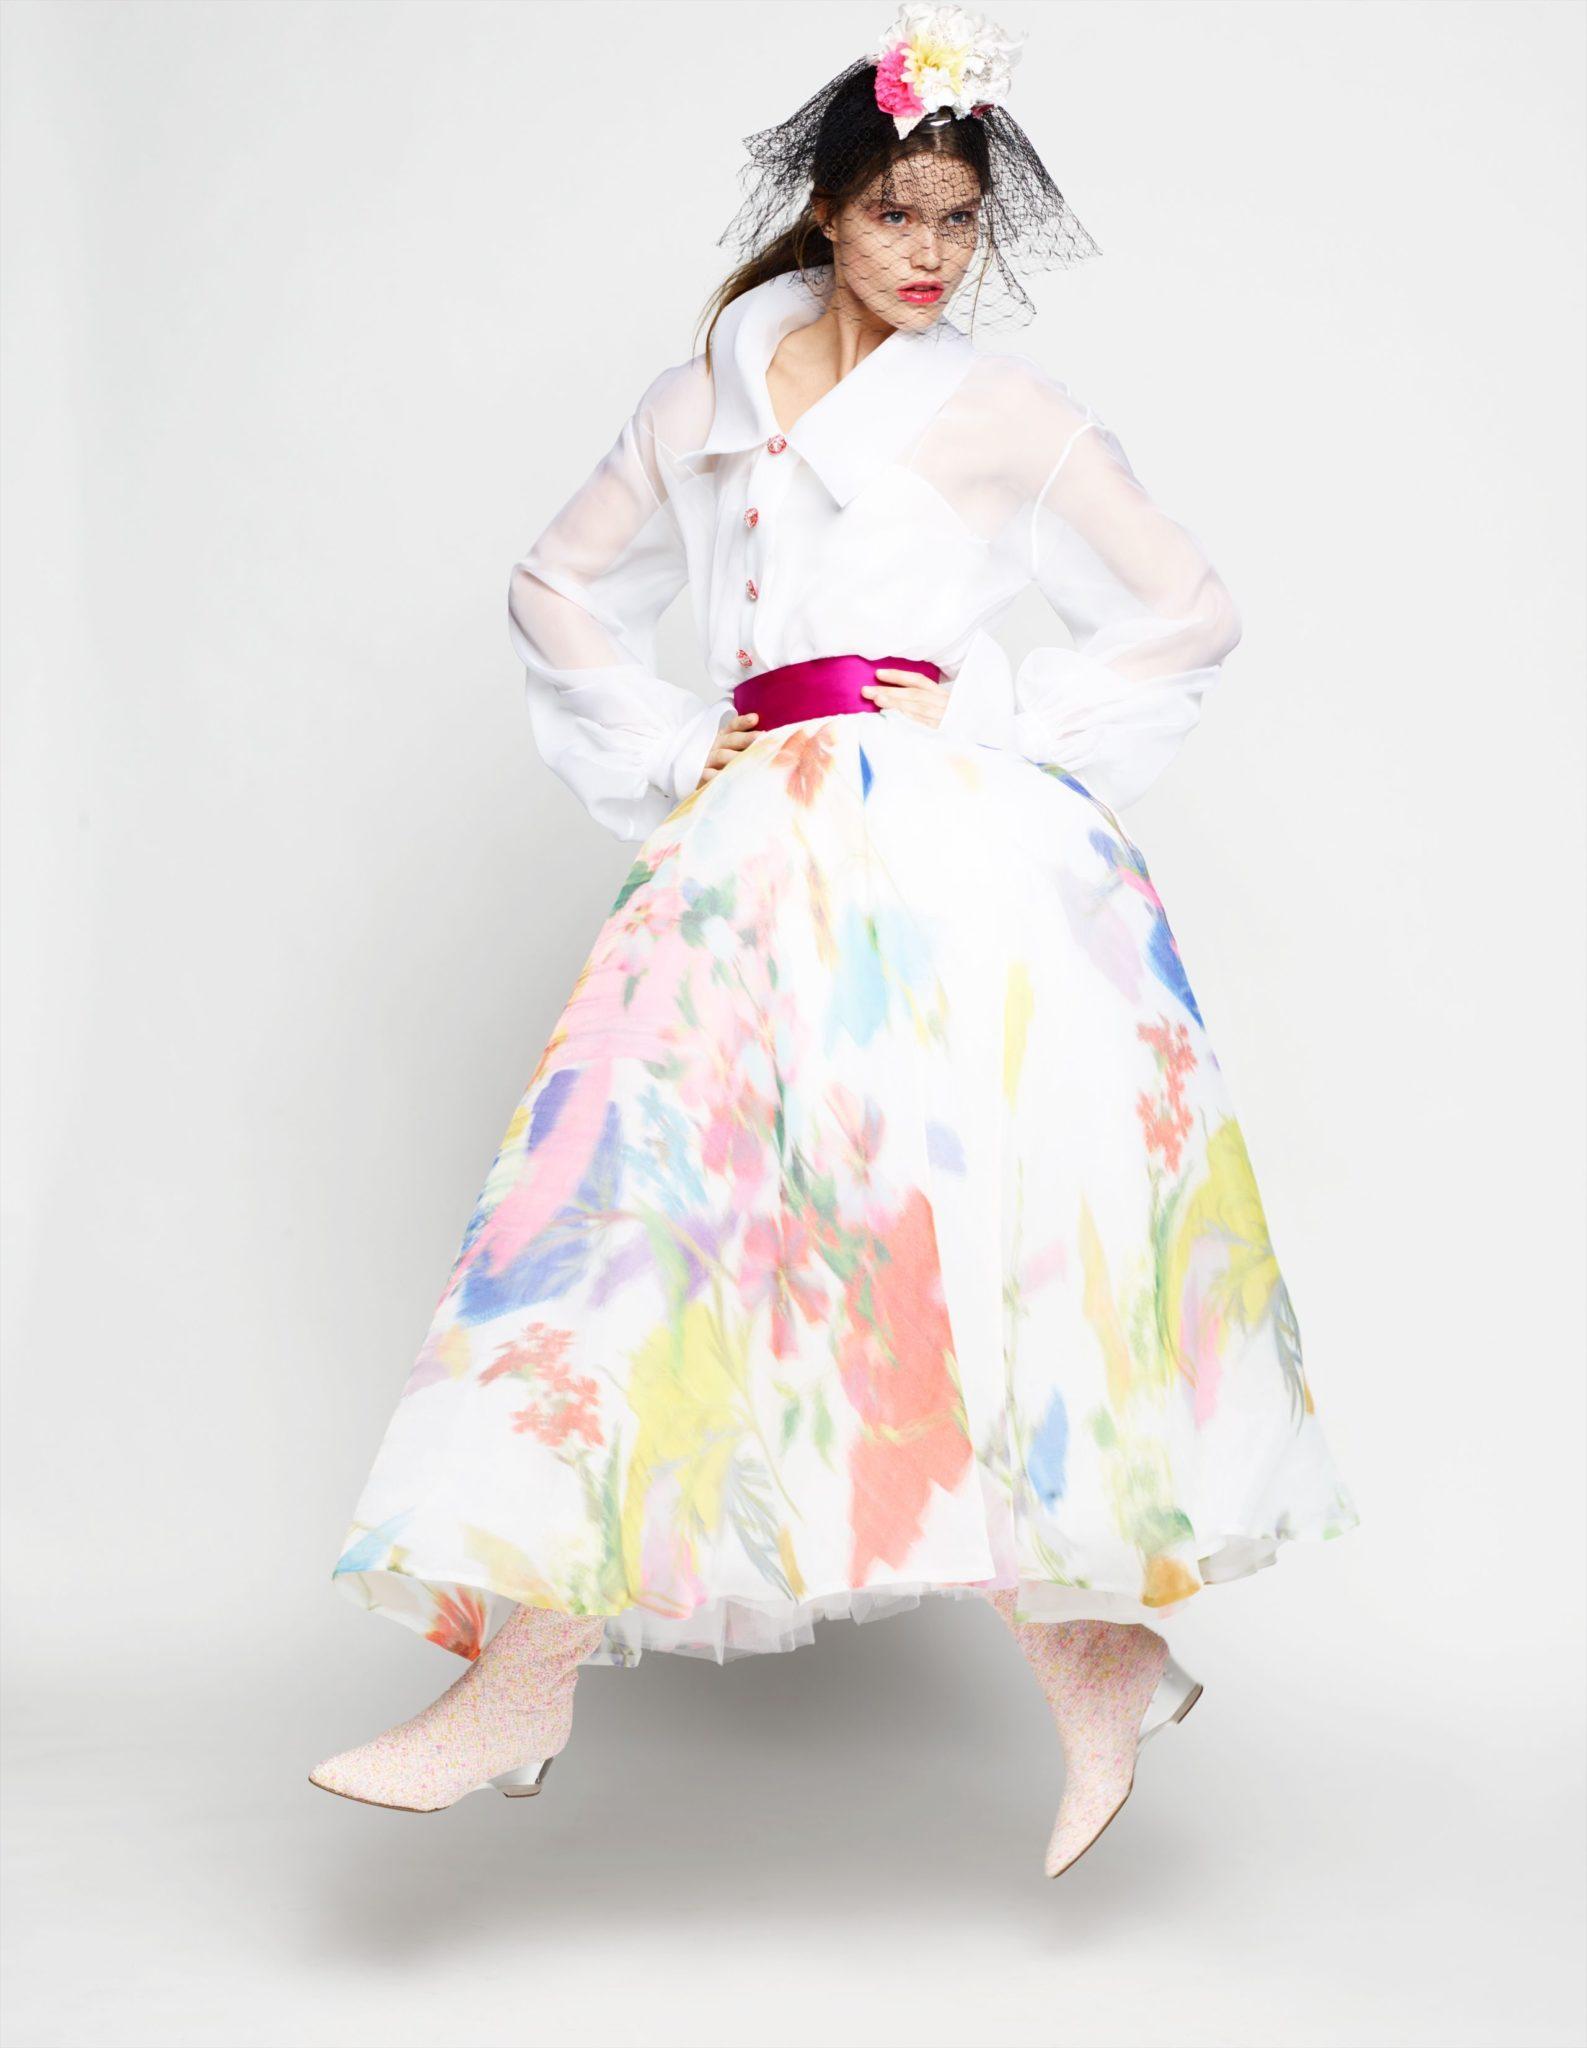 CHANEL Haute Couture SS printemps été 2018 Esprit de Gabrielle espritdegabrielle.com